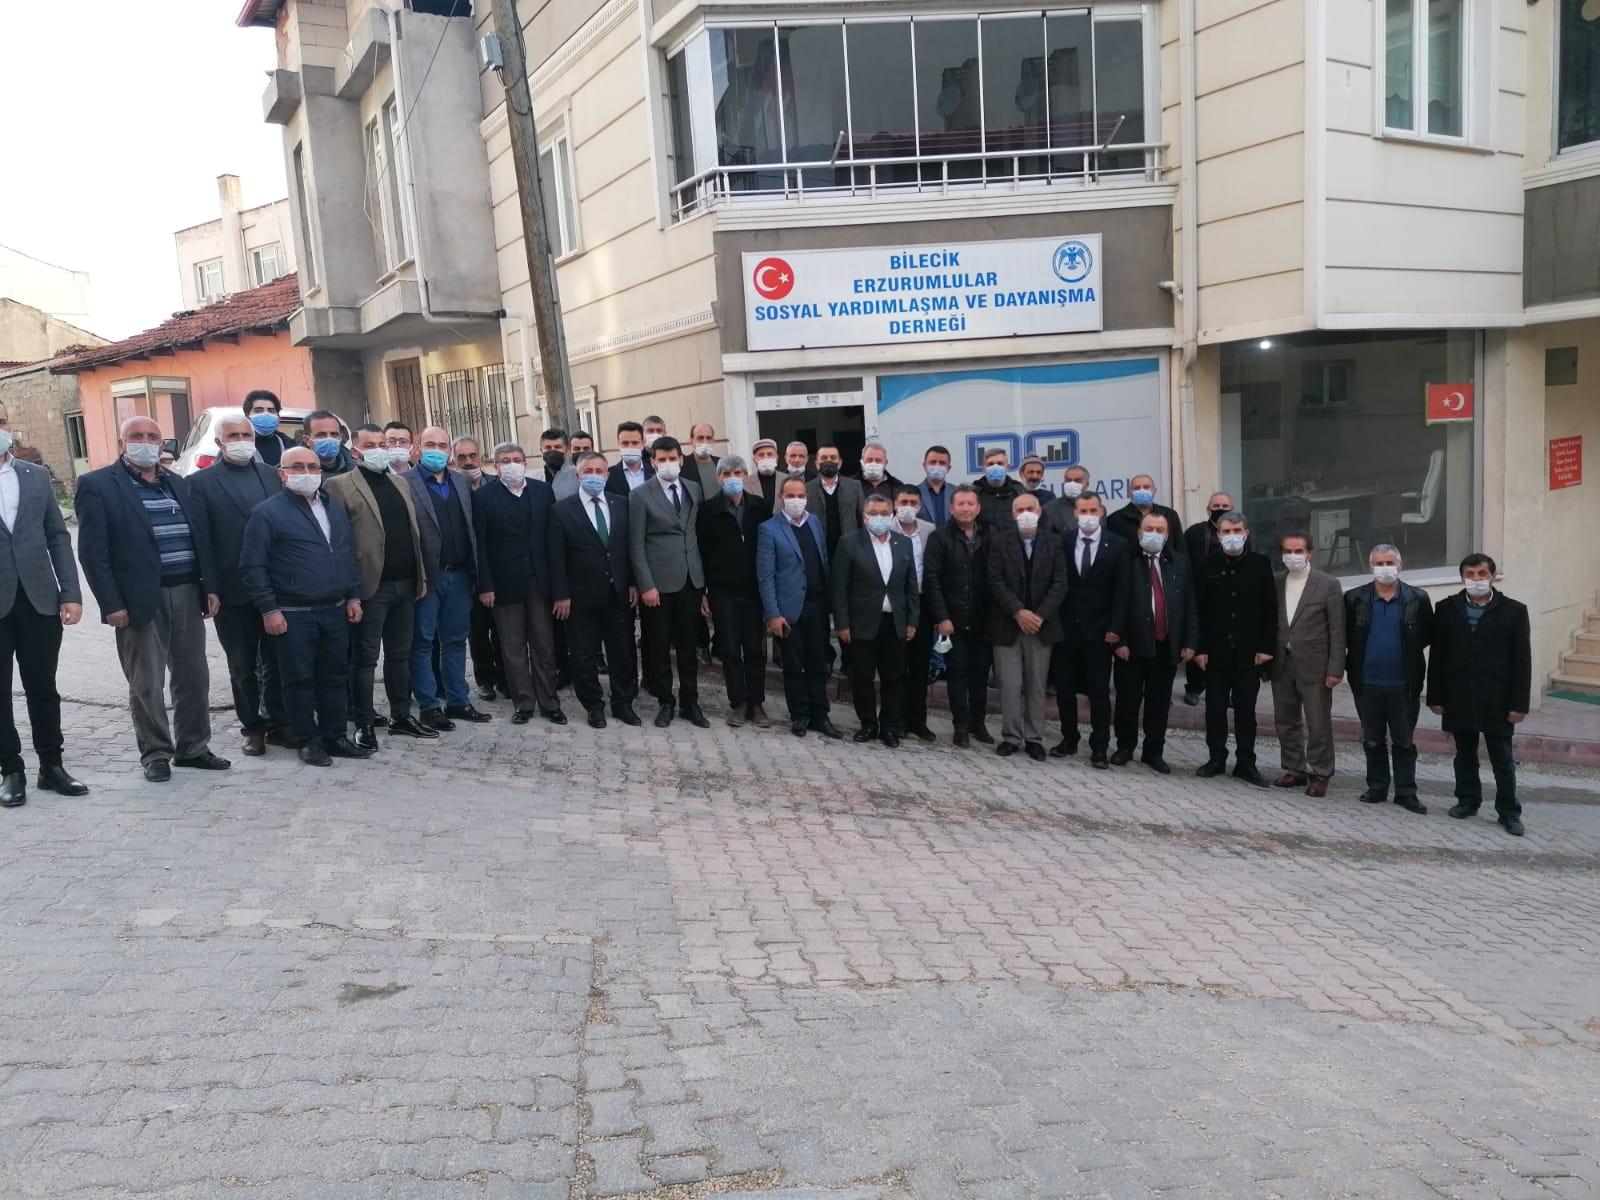 ERZURUM'UN DÜŞMAN İŞGALİNDEN KURTULUŞUNUN 103. YILI KUTLANDI